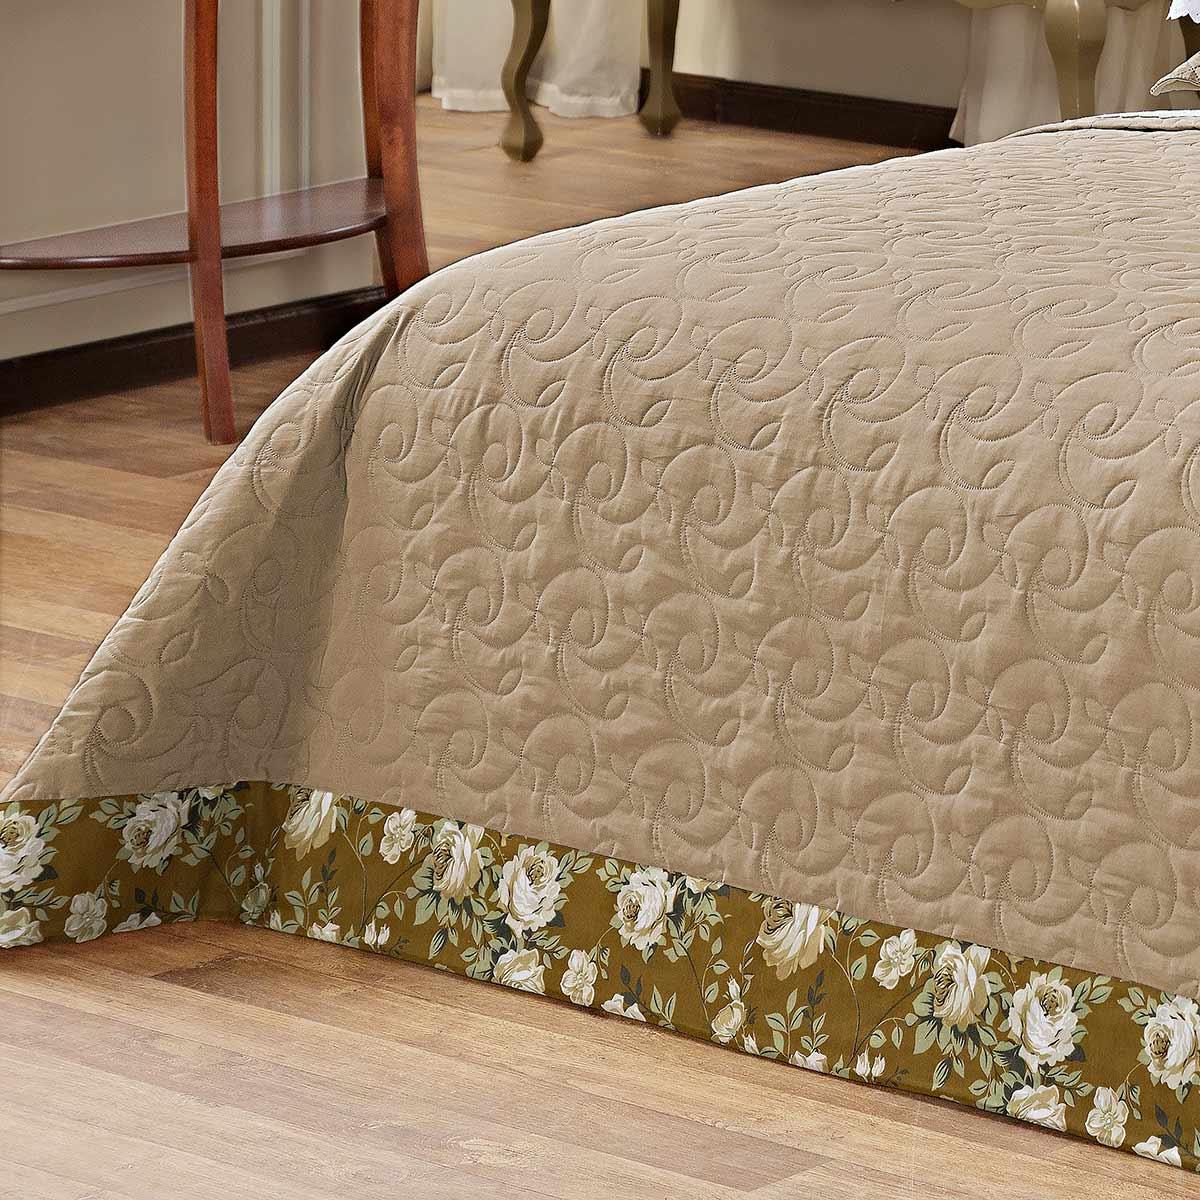 Kit Cobre Leito (Cobre Leito + Porta Travesseiro + Jogo de Lençol) Queen San Marino Caqui Bordado com 11 peças